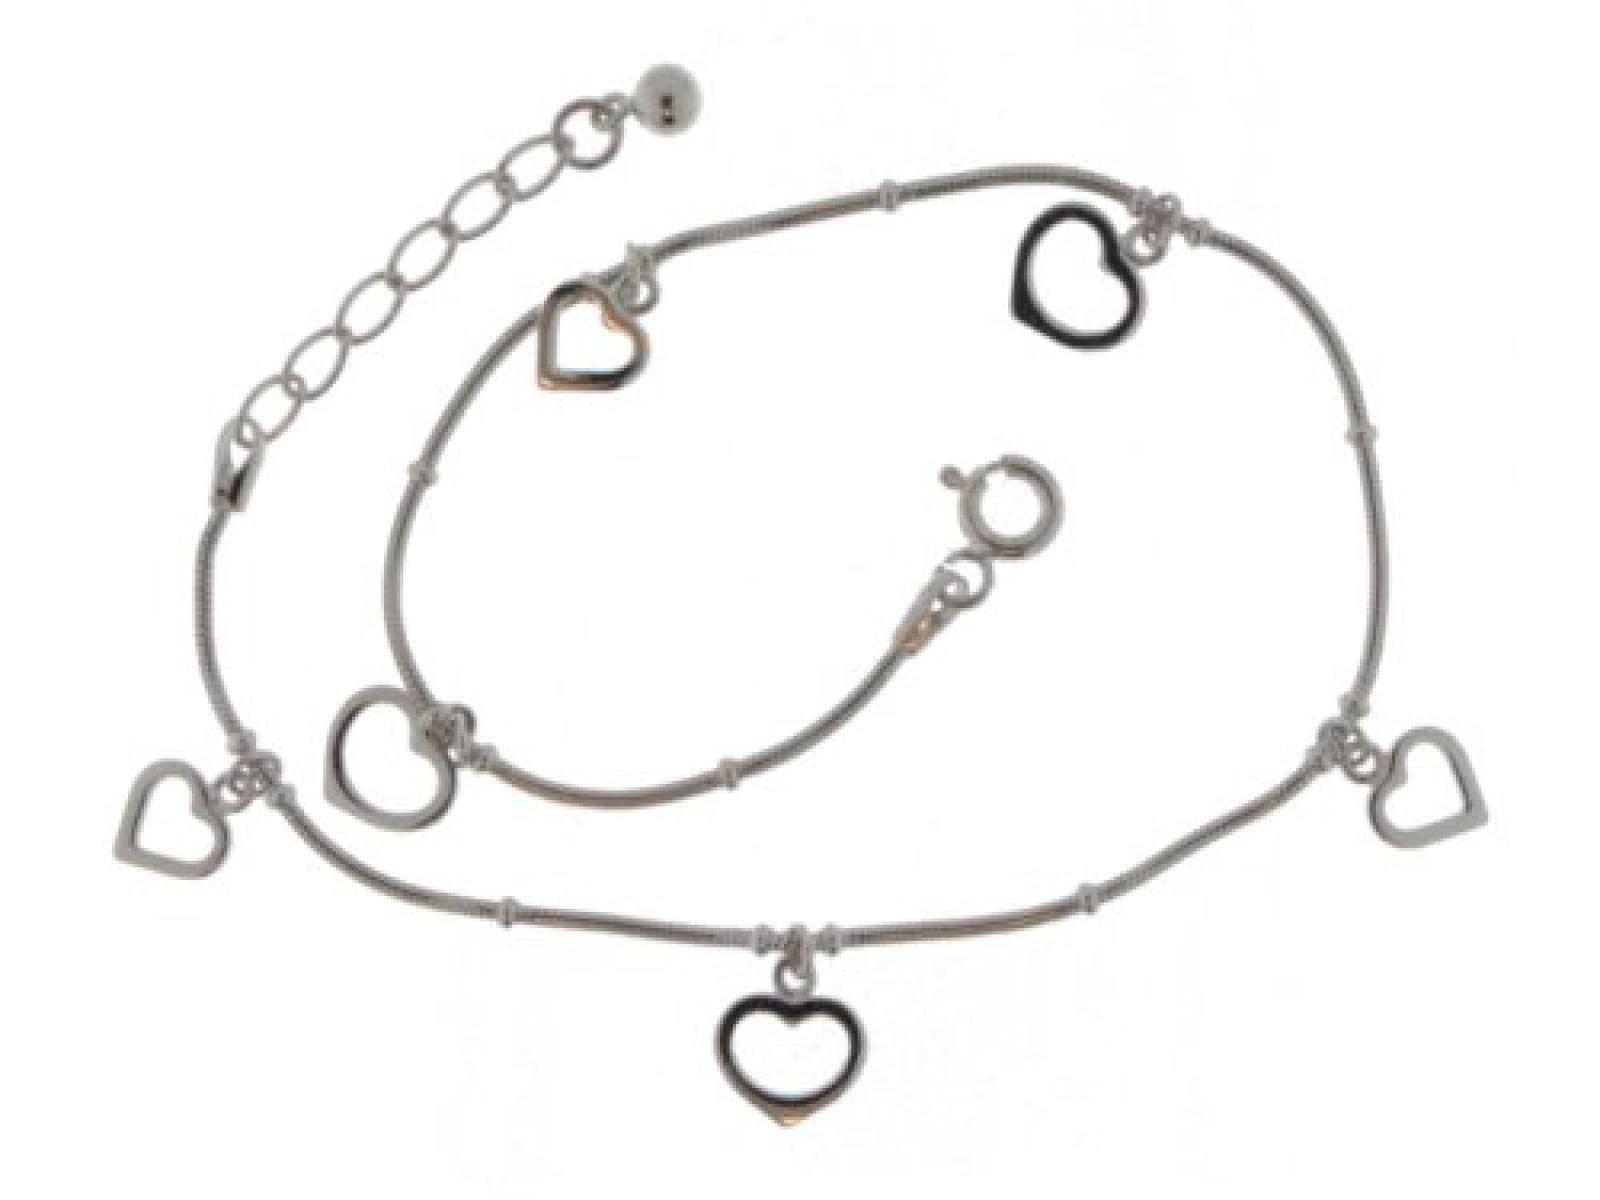 ZEEme Damenfußkette 925/- Sterling Silber 24+2cm 299200019R